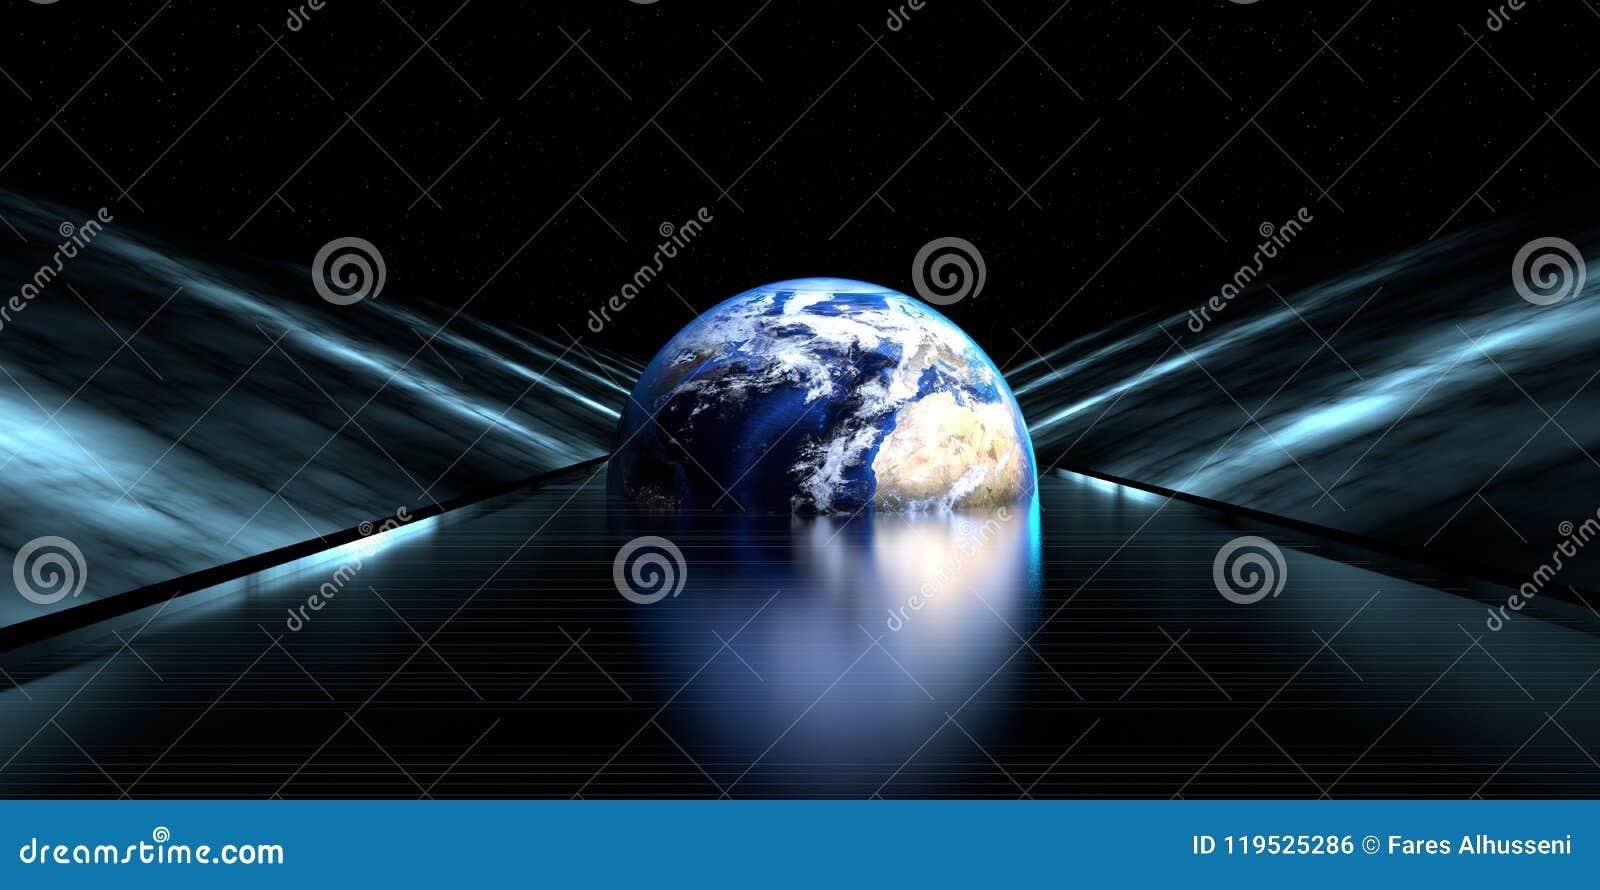 Representación d de un camino futurista con la esfera de la